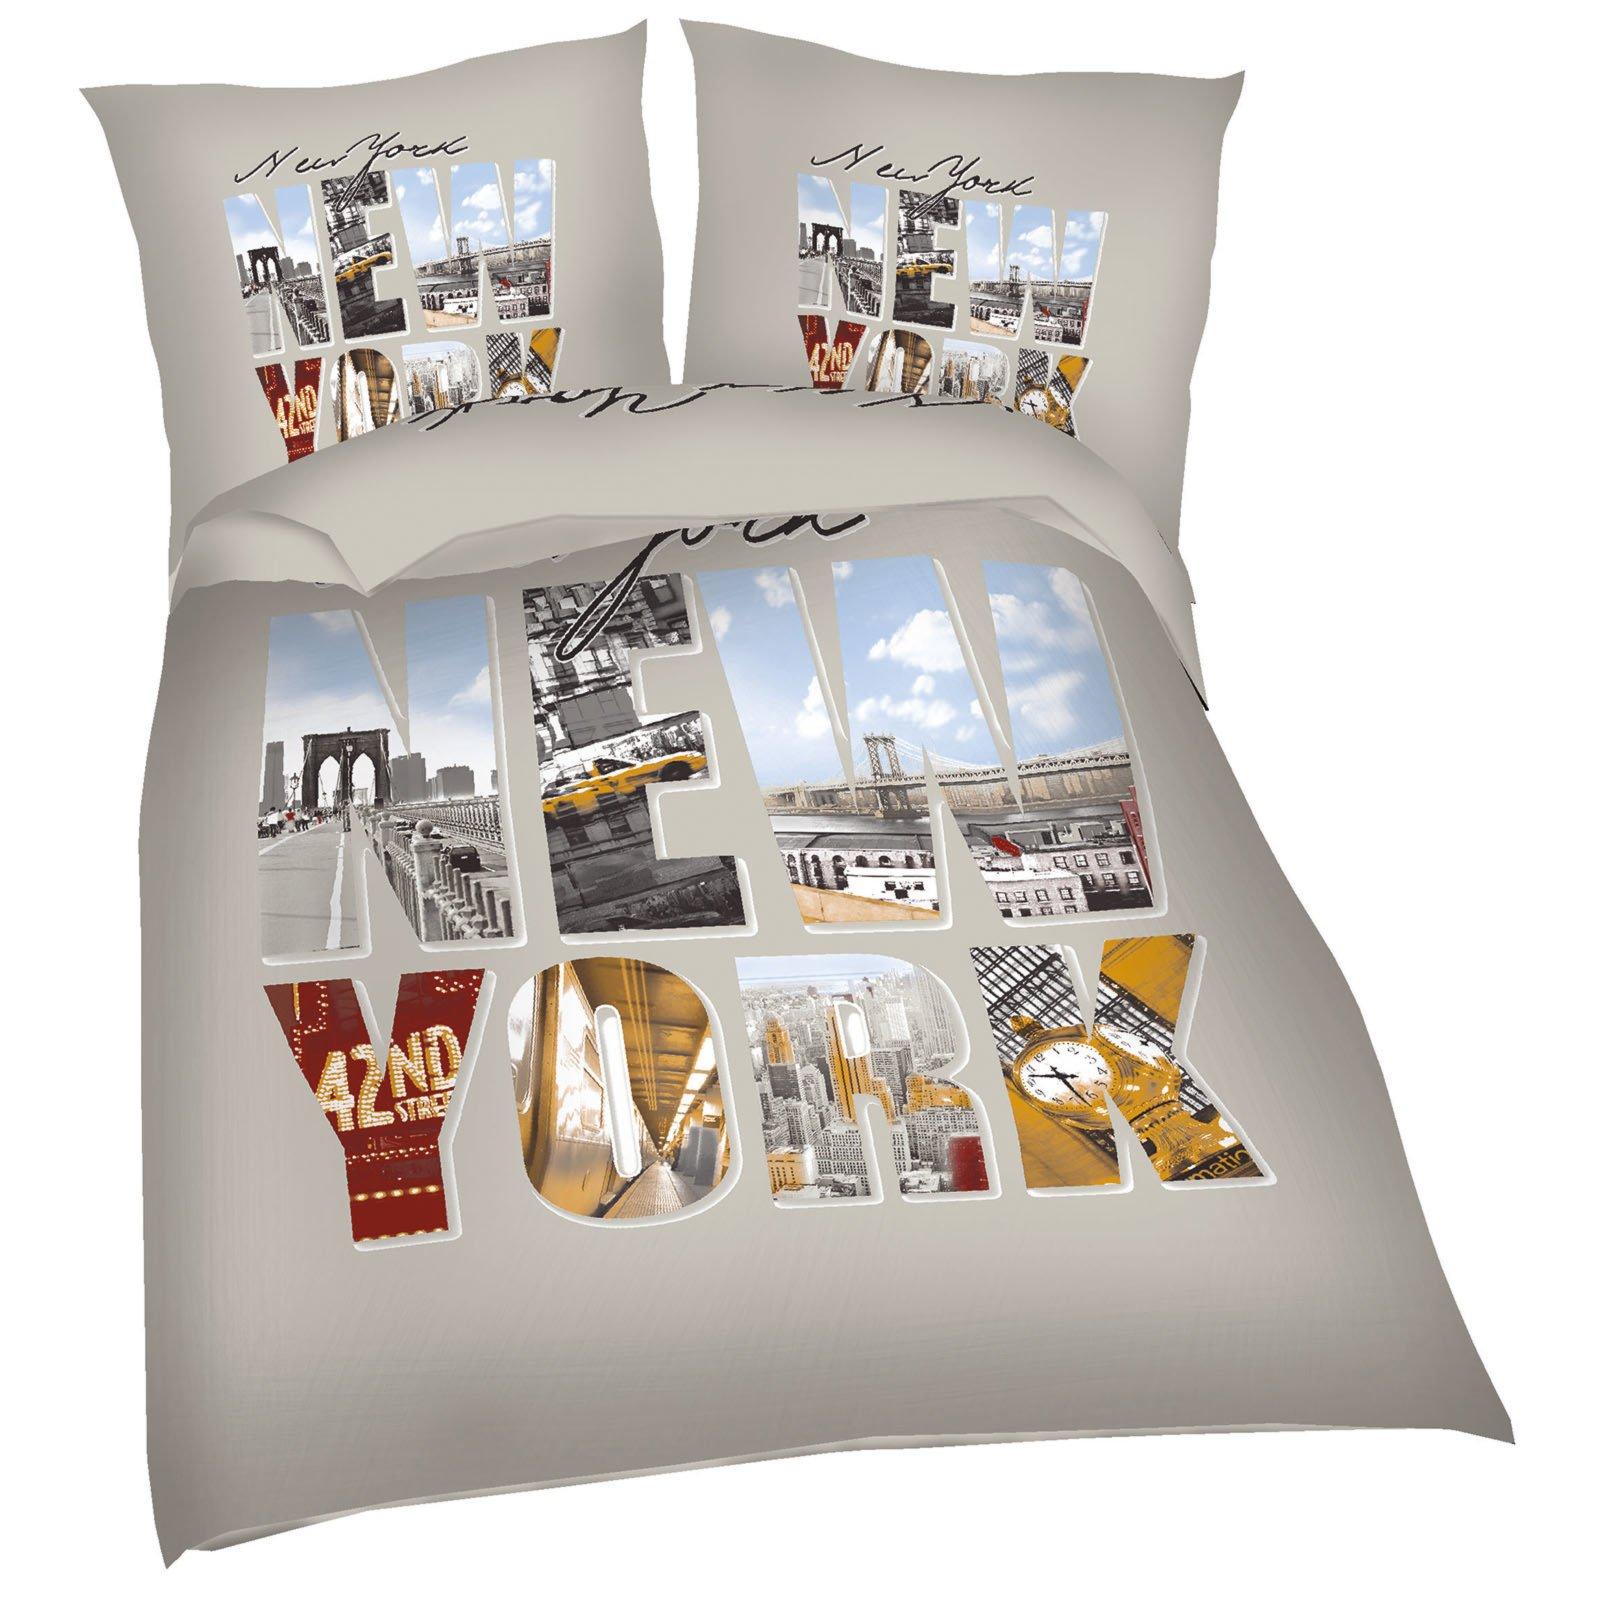 microfaser bettw sche new york city fotodruck 135x200 cm bettw sche bettw sche. Black Bedroom Furniture Sets. Home Design Ideas